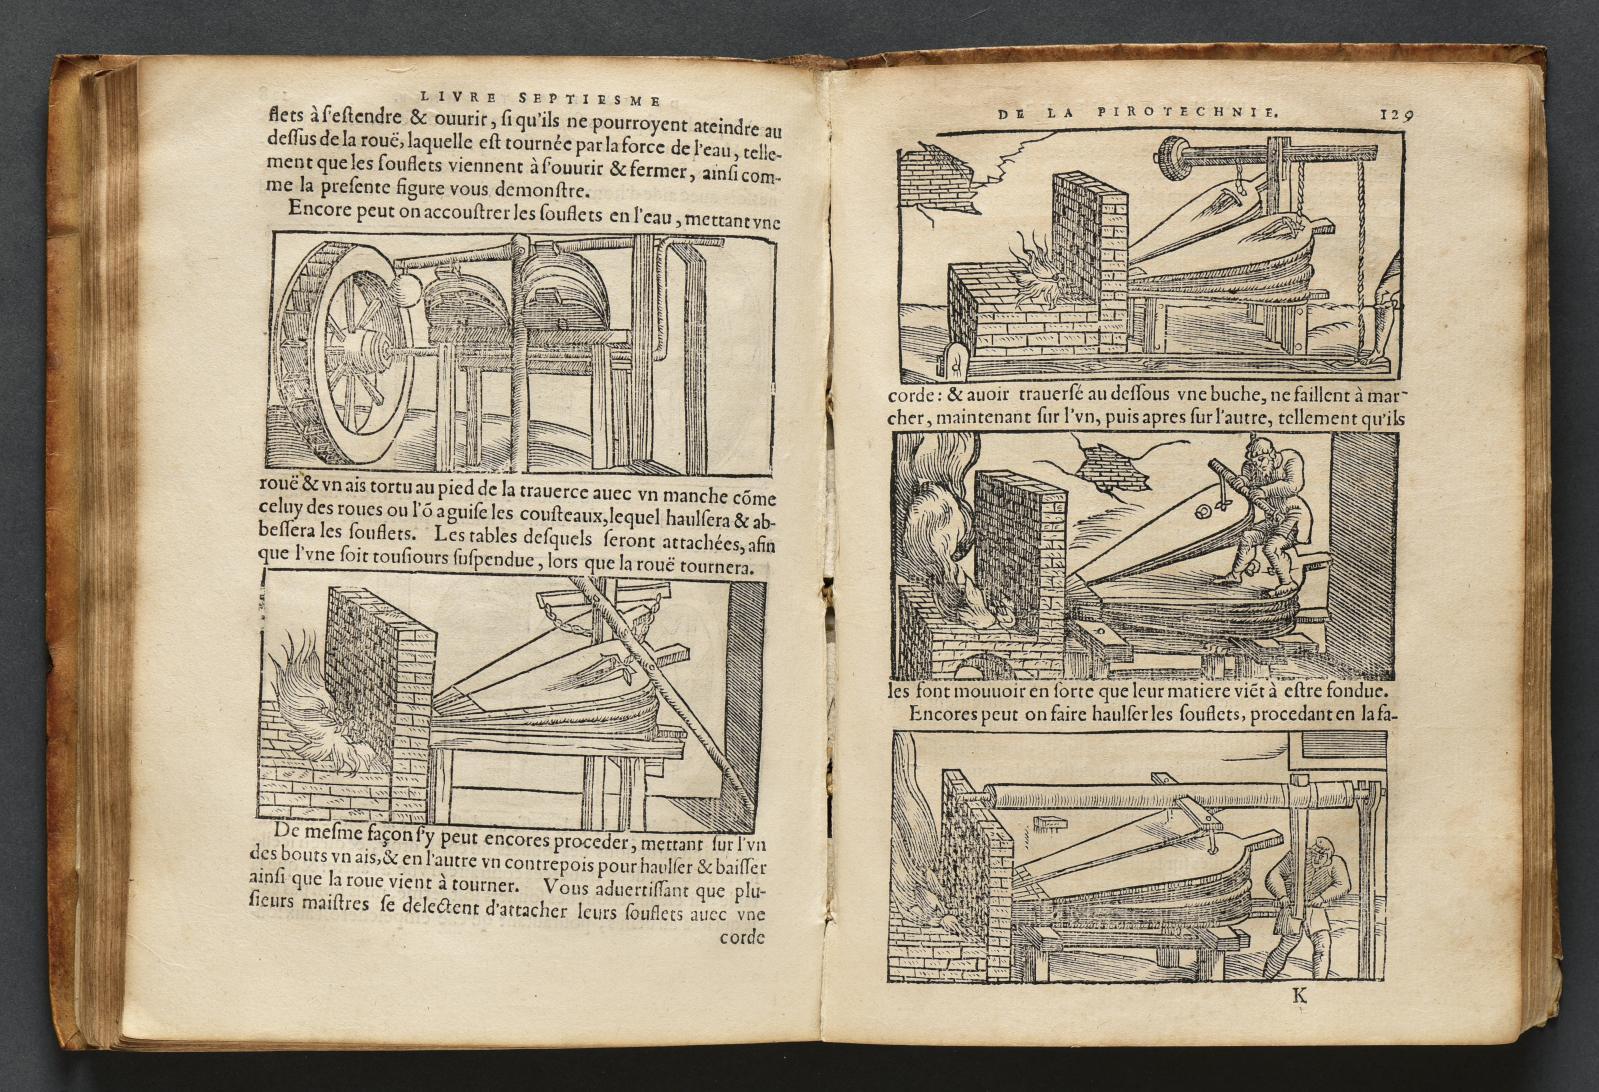 Vanuccio Biringuccio, La Pyrotechnie ou l'art du feu (Paris, 1572), un volume in-4° illustré de bois gravés, reliure muette de l'époque en vélin soupl